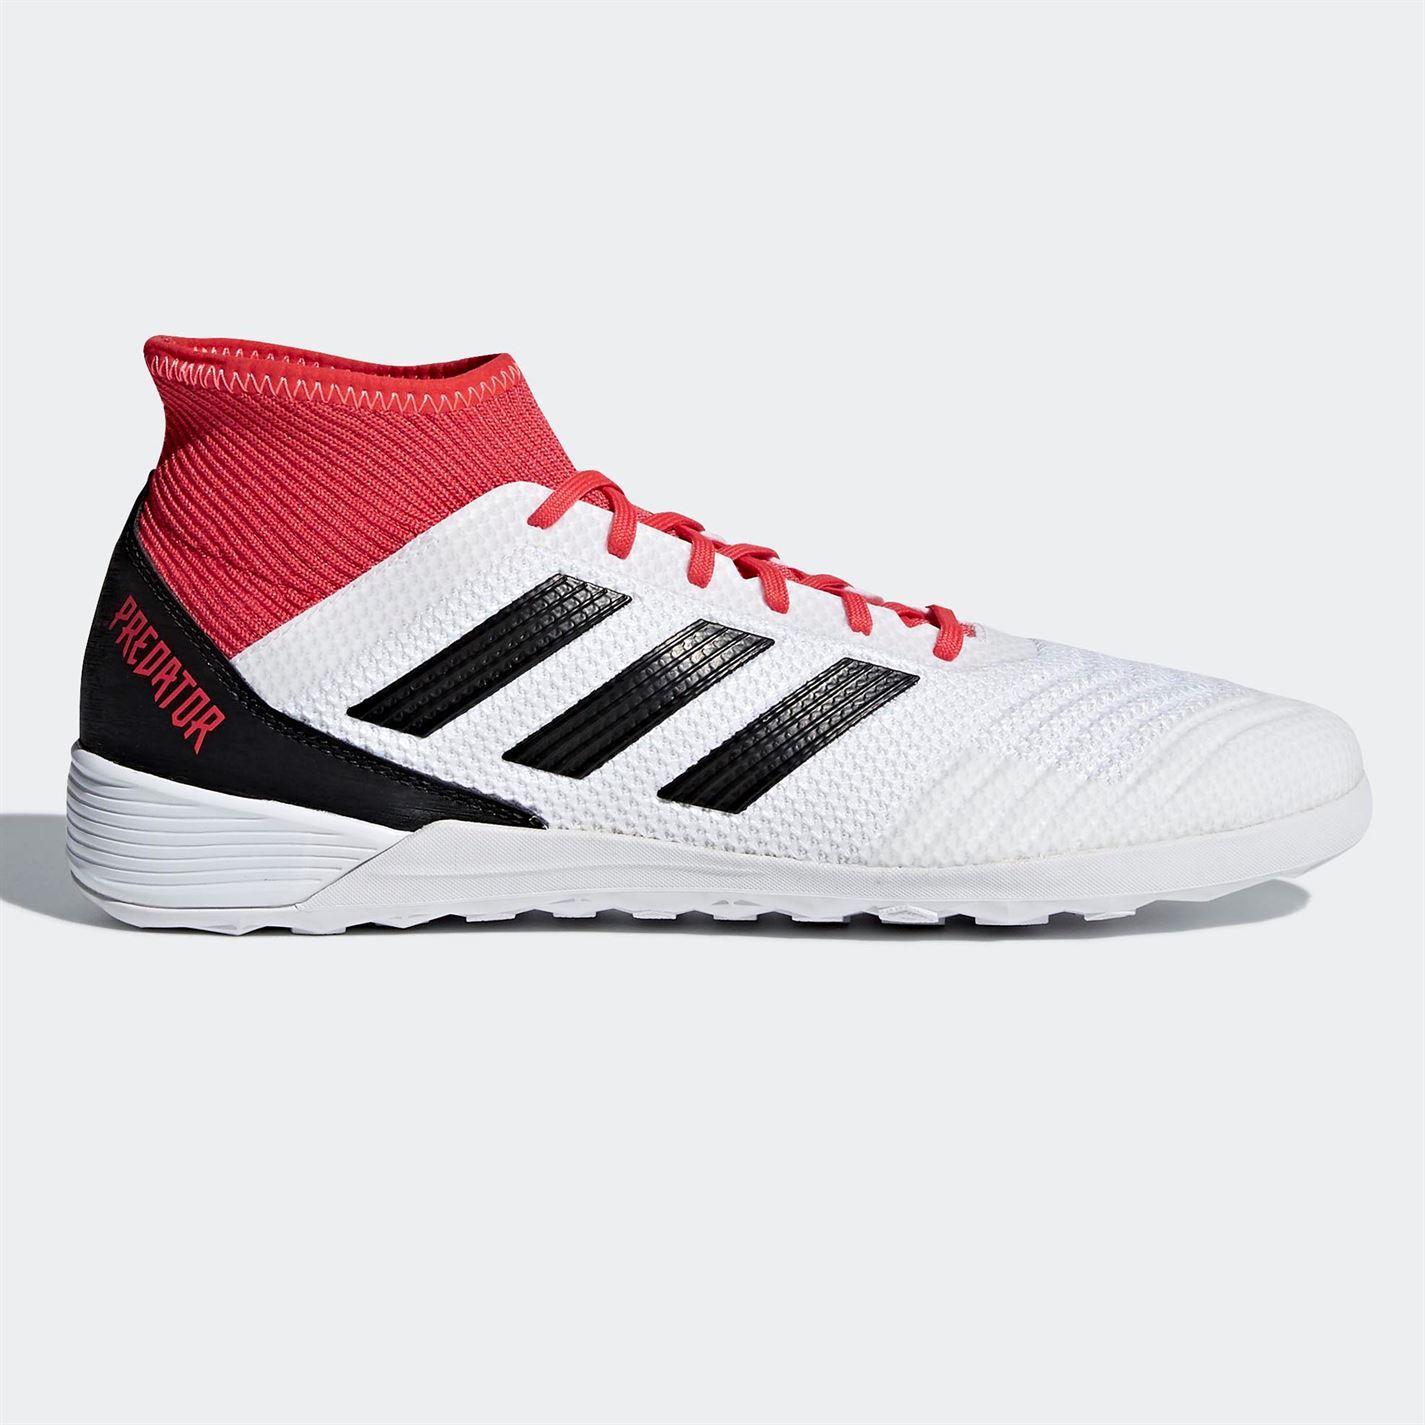 Adidas Predator as tango en hombre 's Indoor Football Boots White